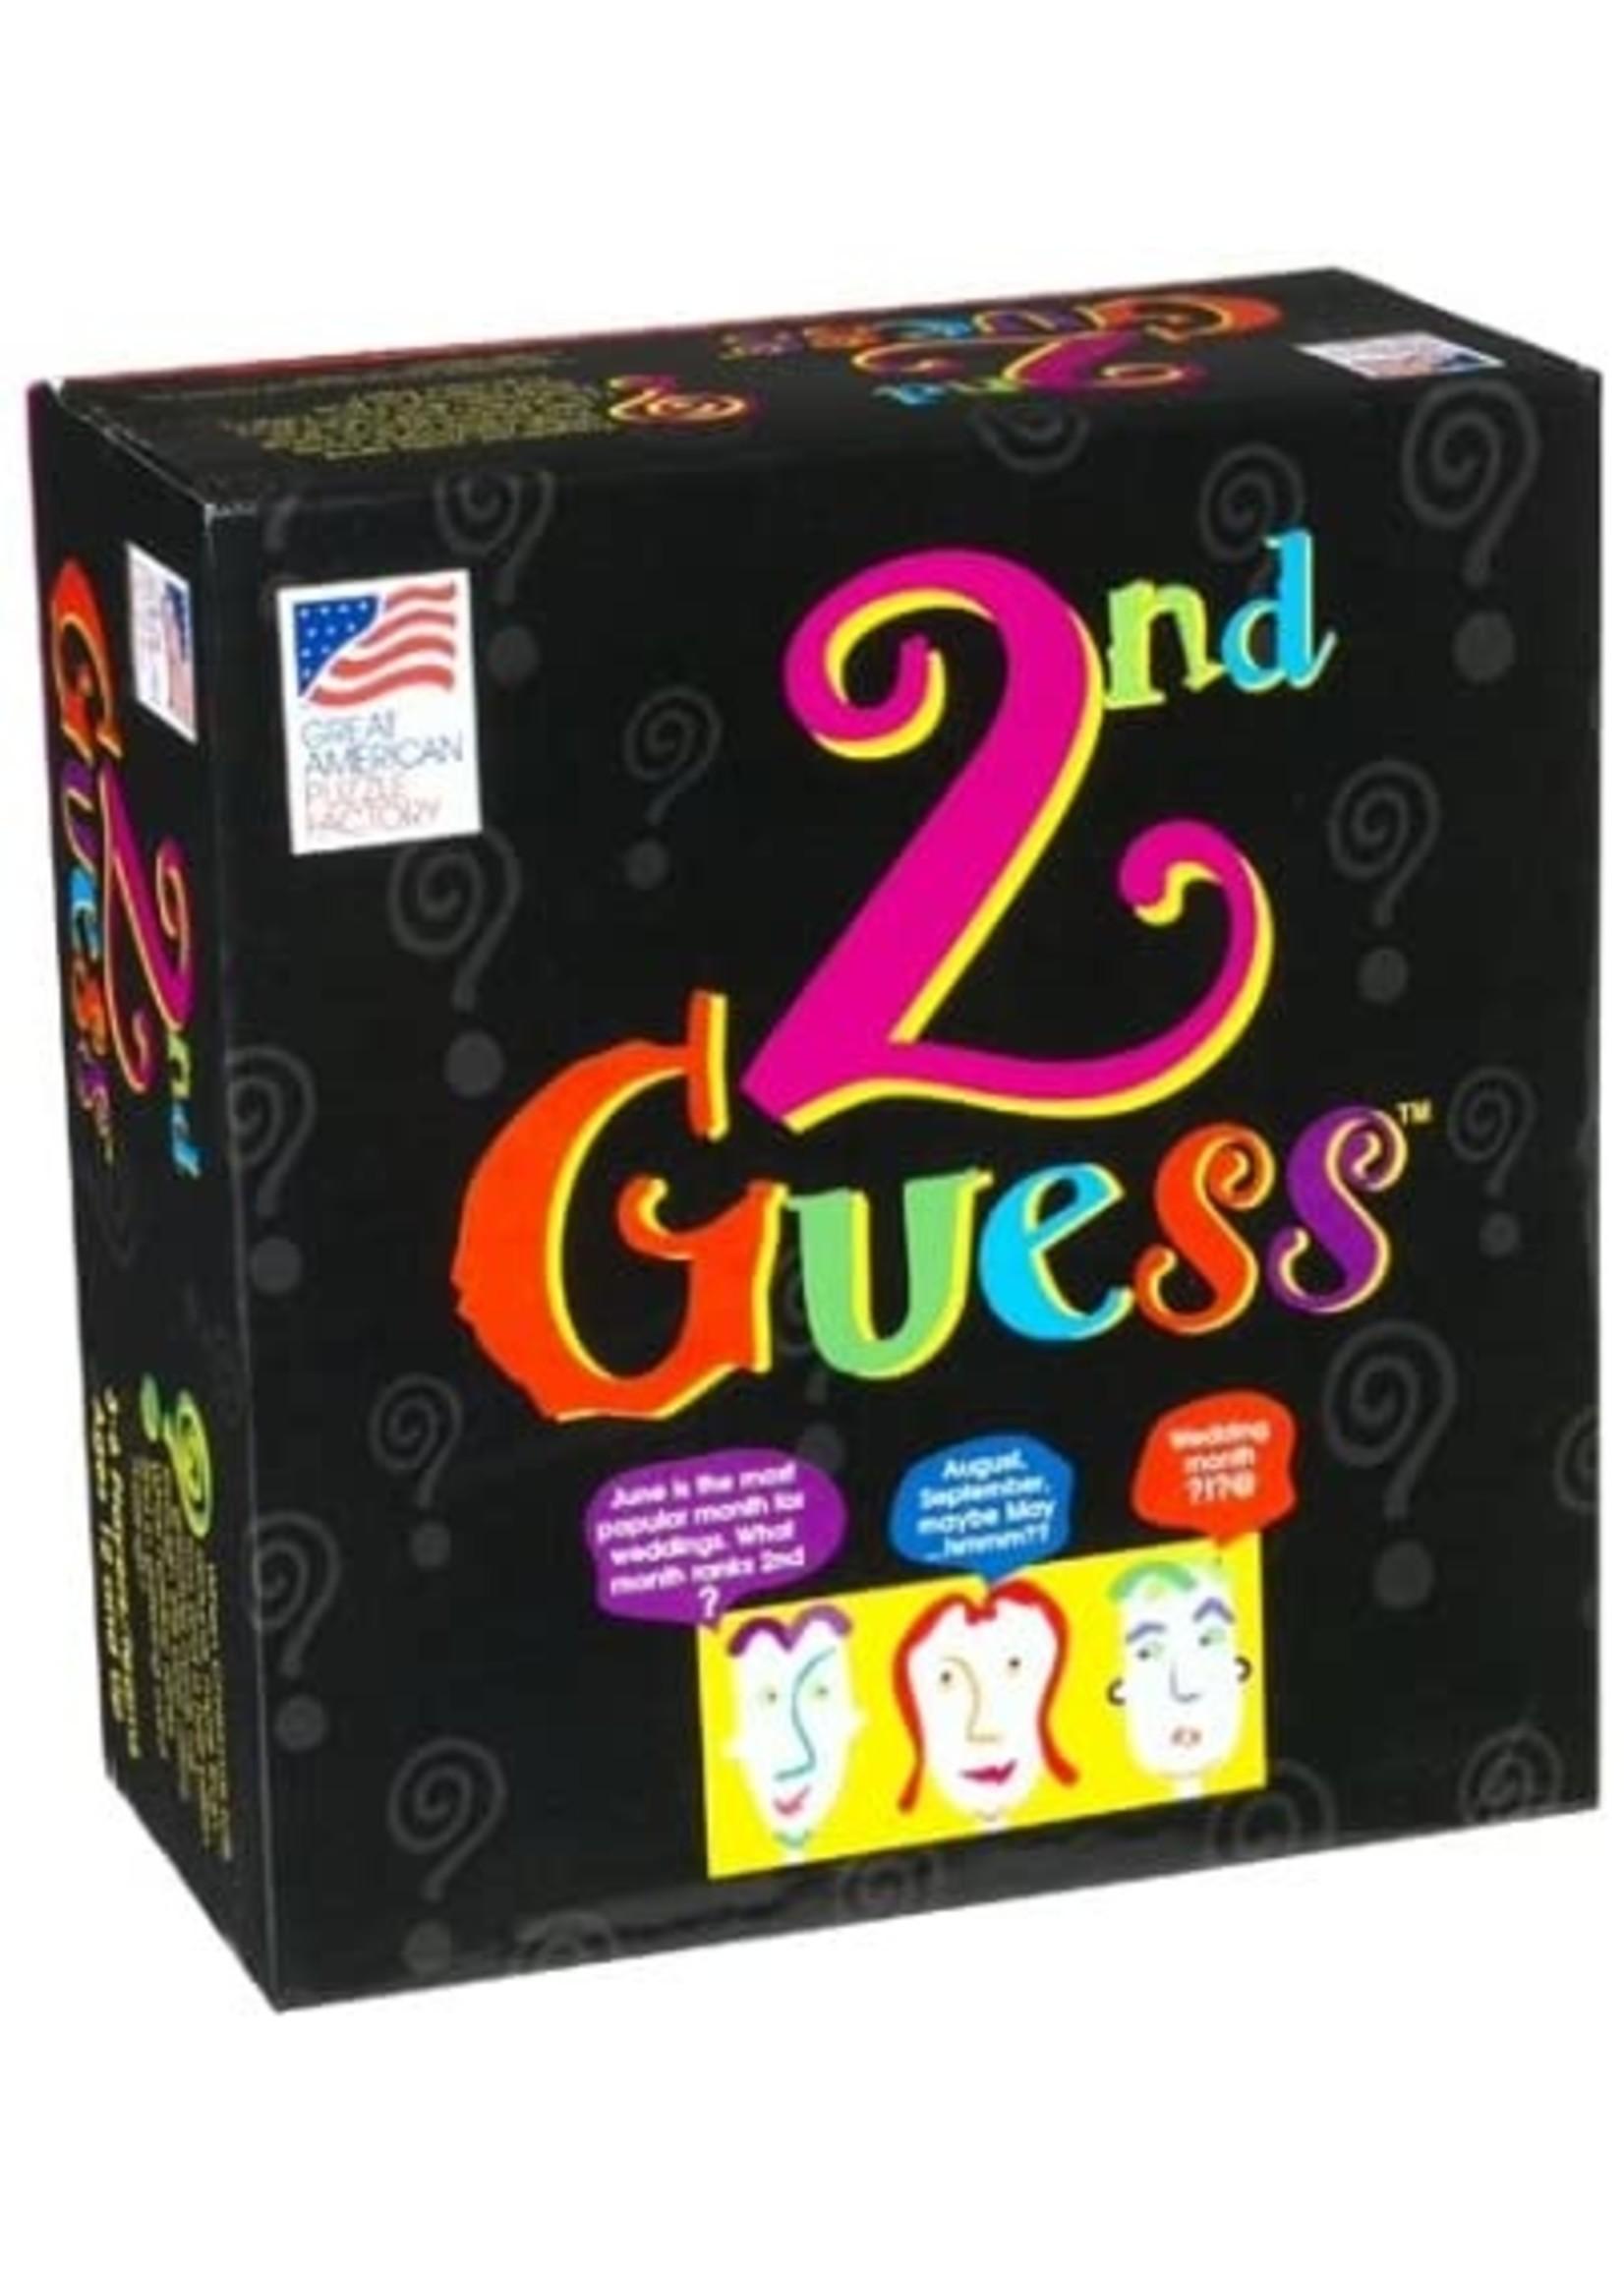 2nd Guess